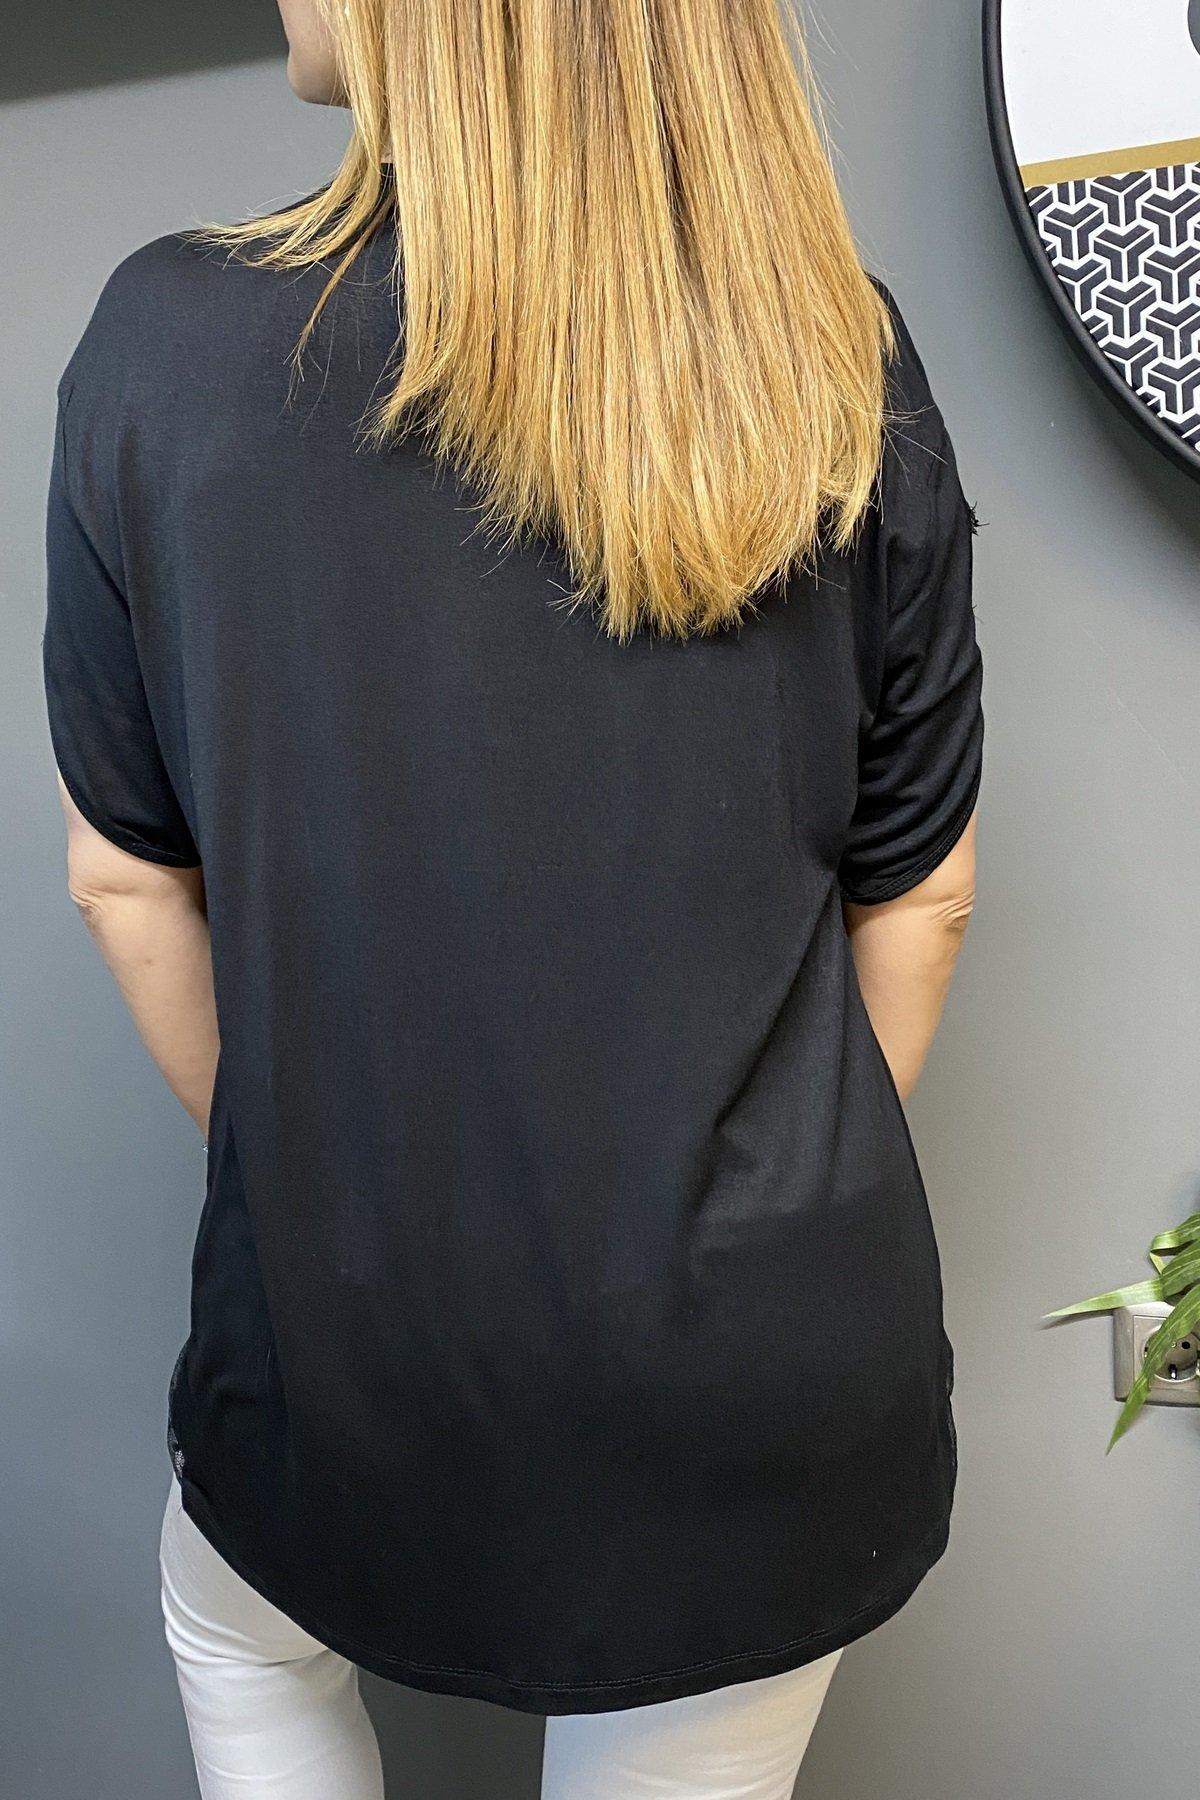 Omuz Dekolteli Yakası Ve Eteği Tül Sağ Göğüs Üstü Taş Yaprak Detaylı Bluz